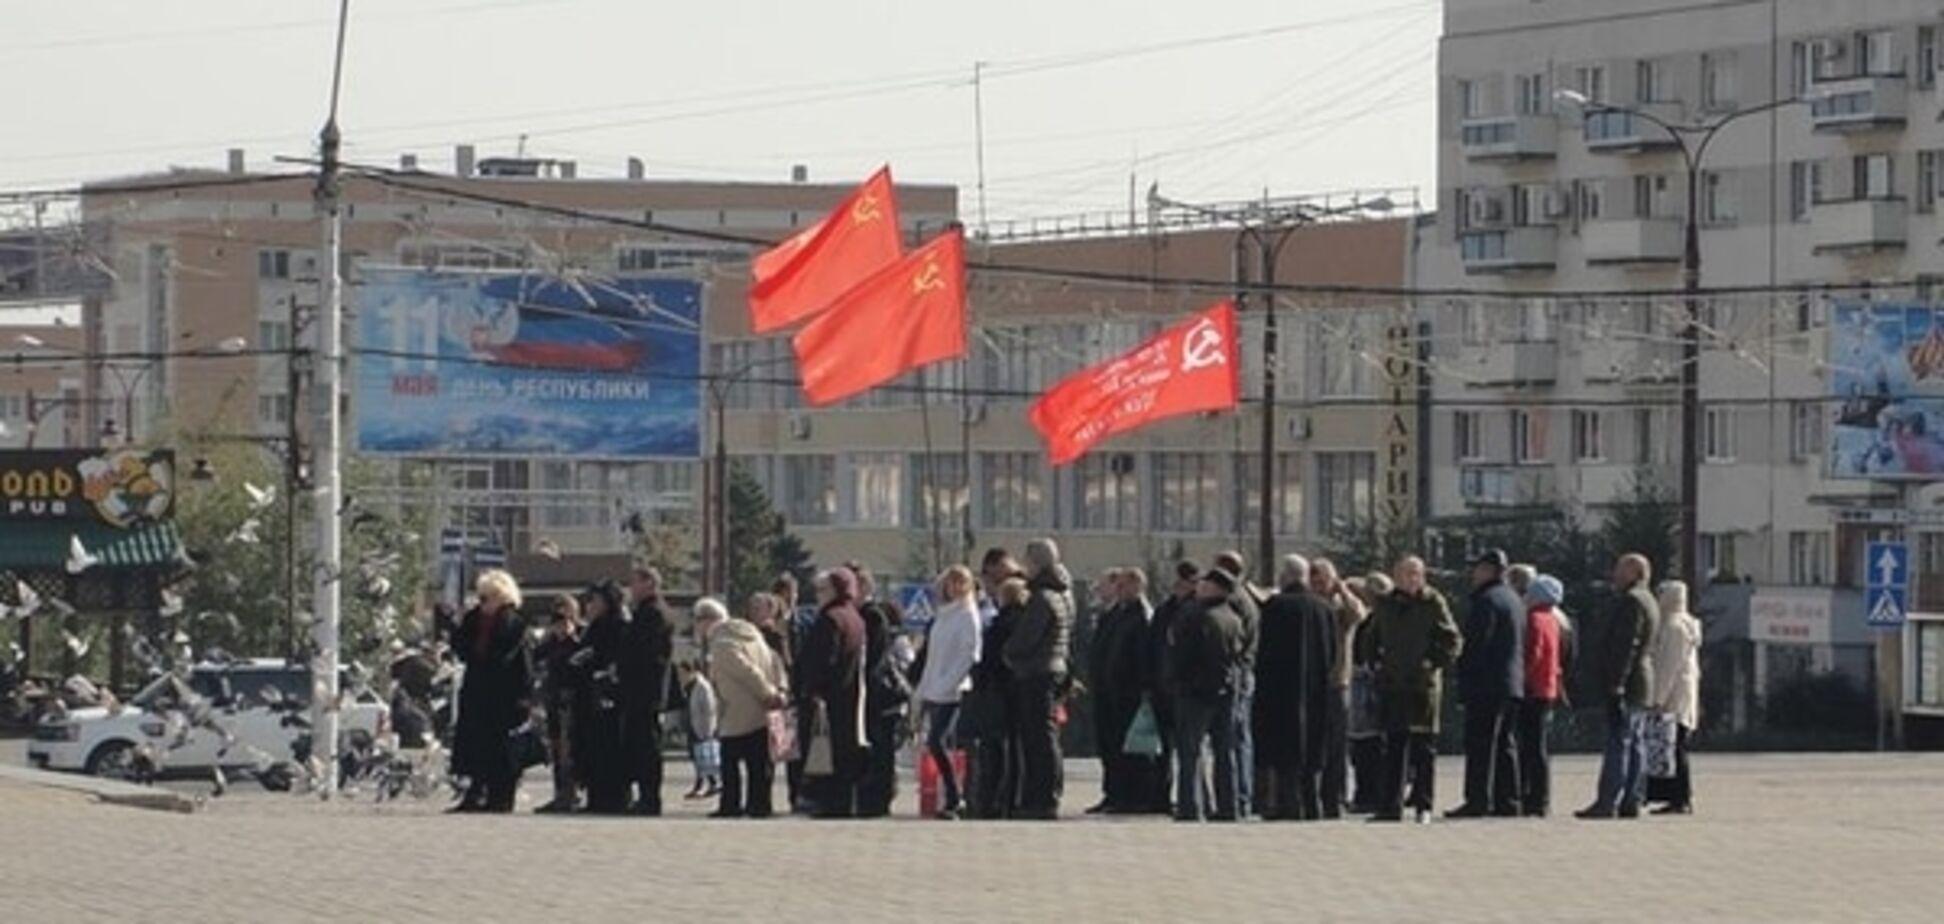 '150 років донецькому народу': комуністи 'навішали локшину' на мітингу 'ДНР'. Опубліковані фото